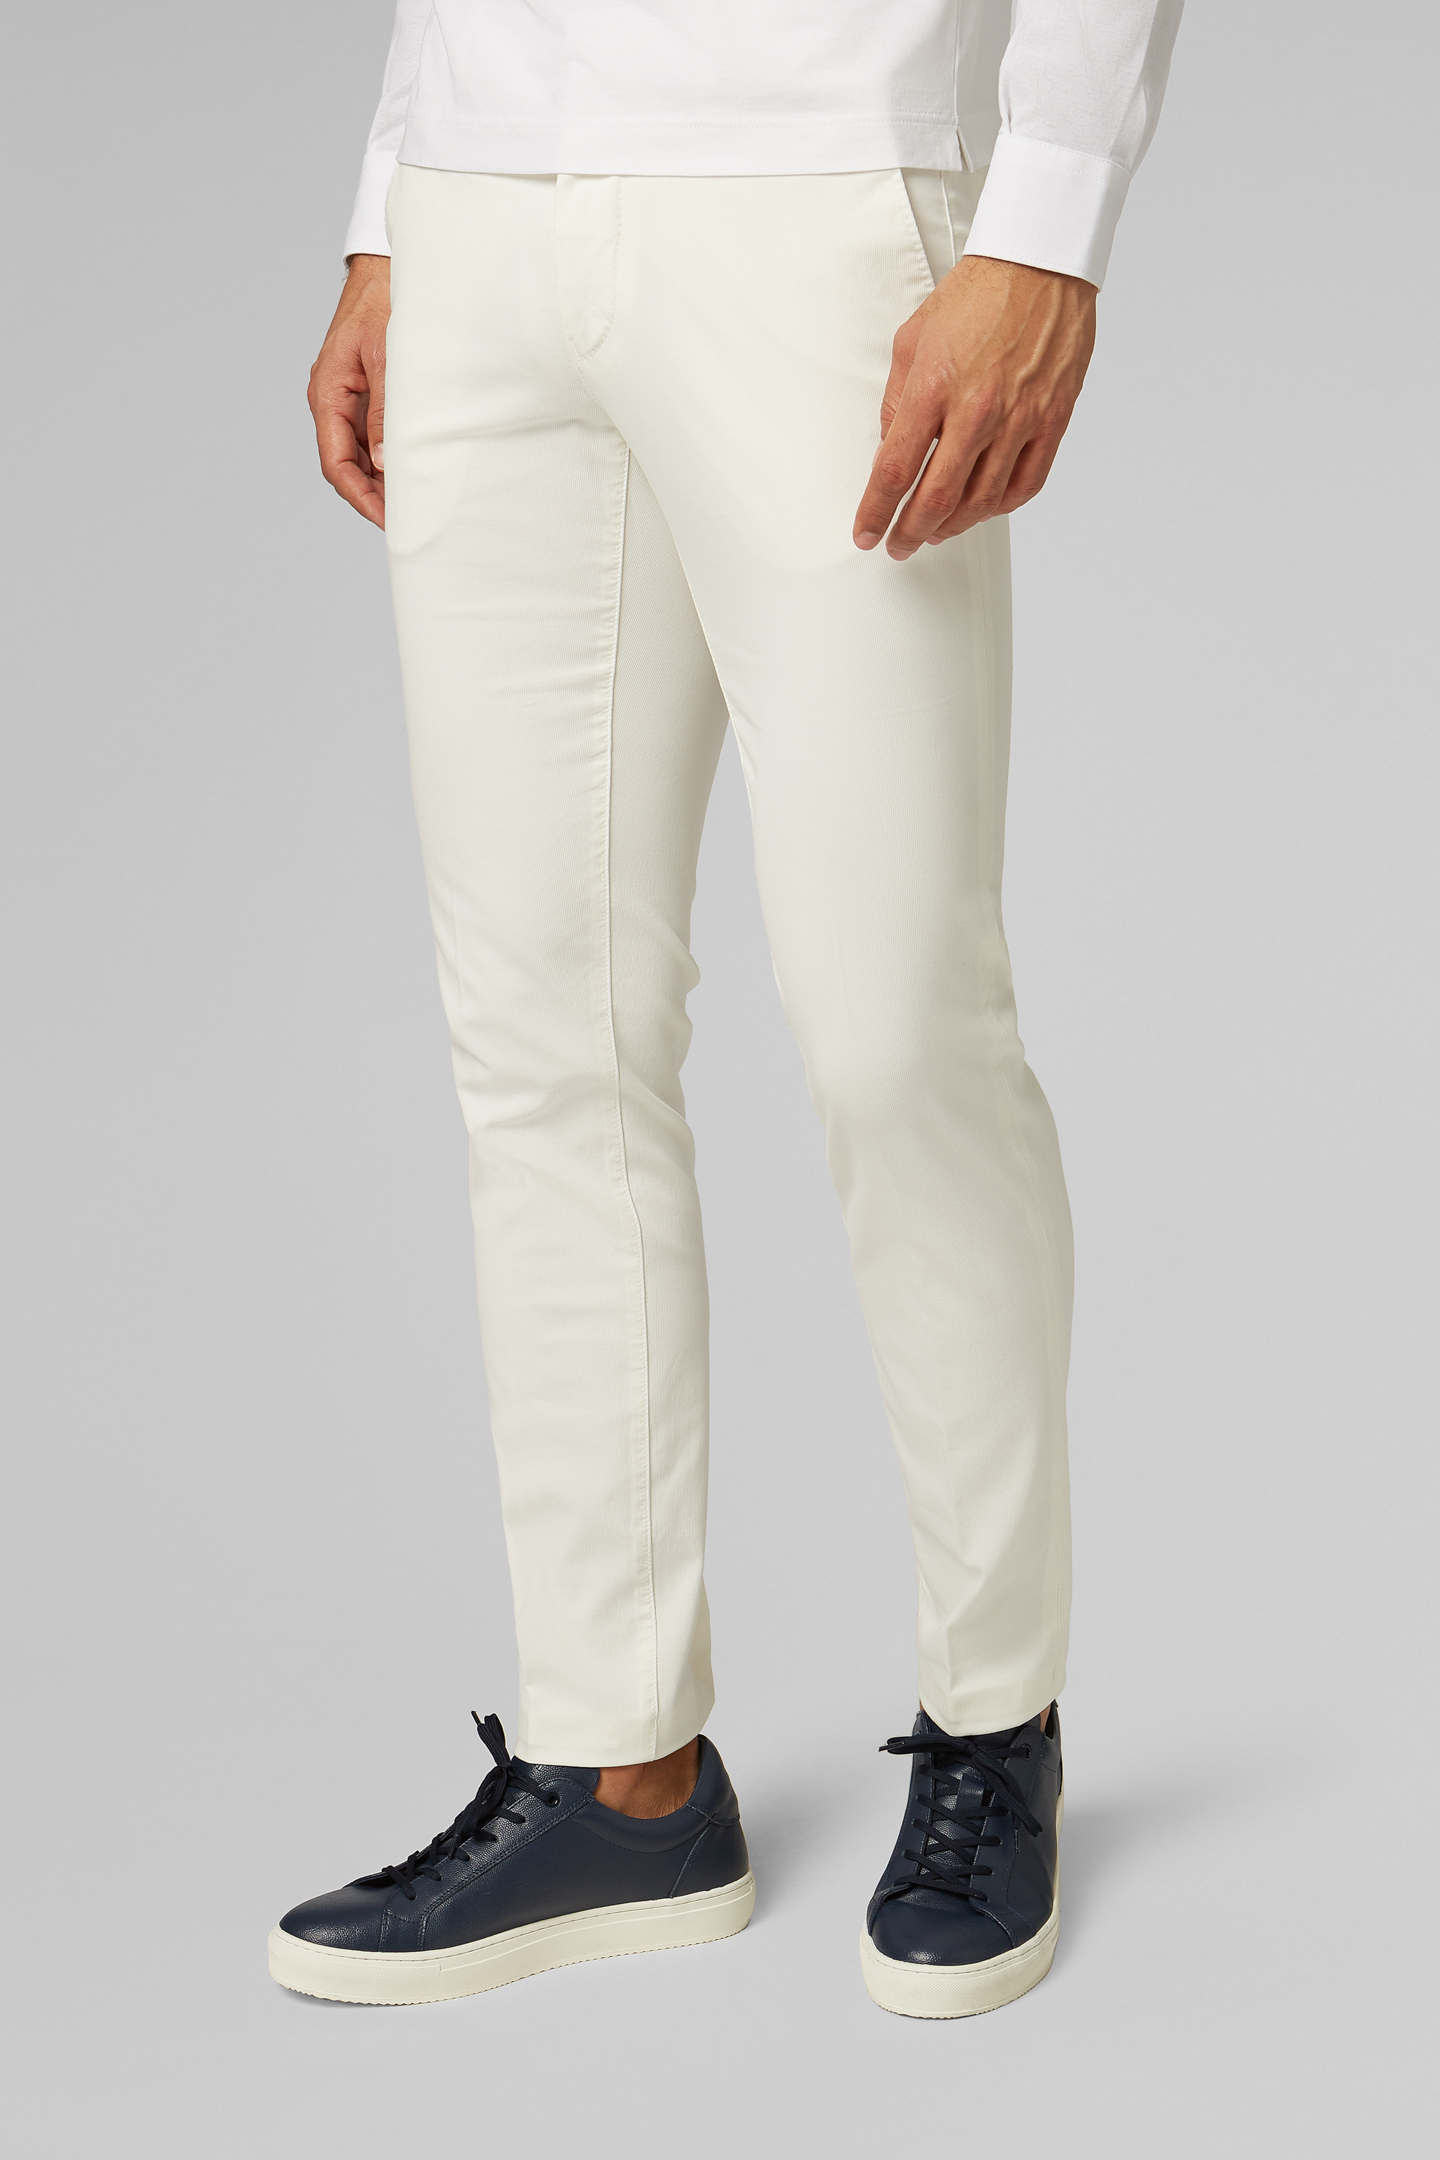 Pantalón Boggi Slim Fit De Algodón Grosgrain Elástico